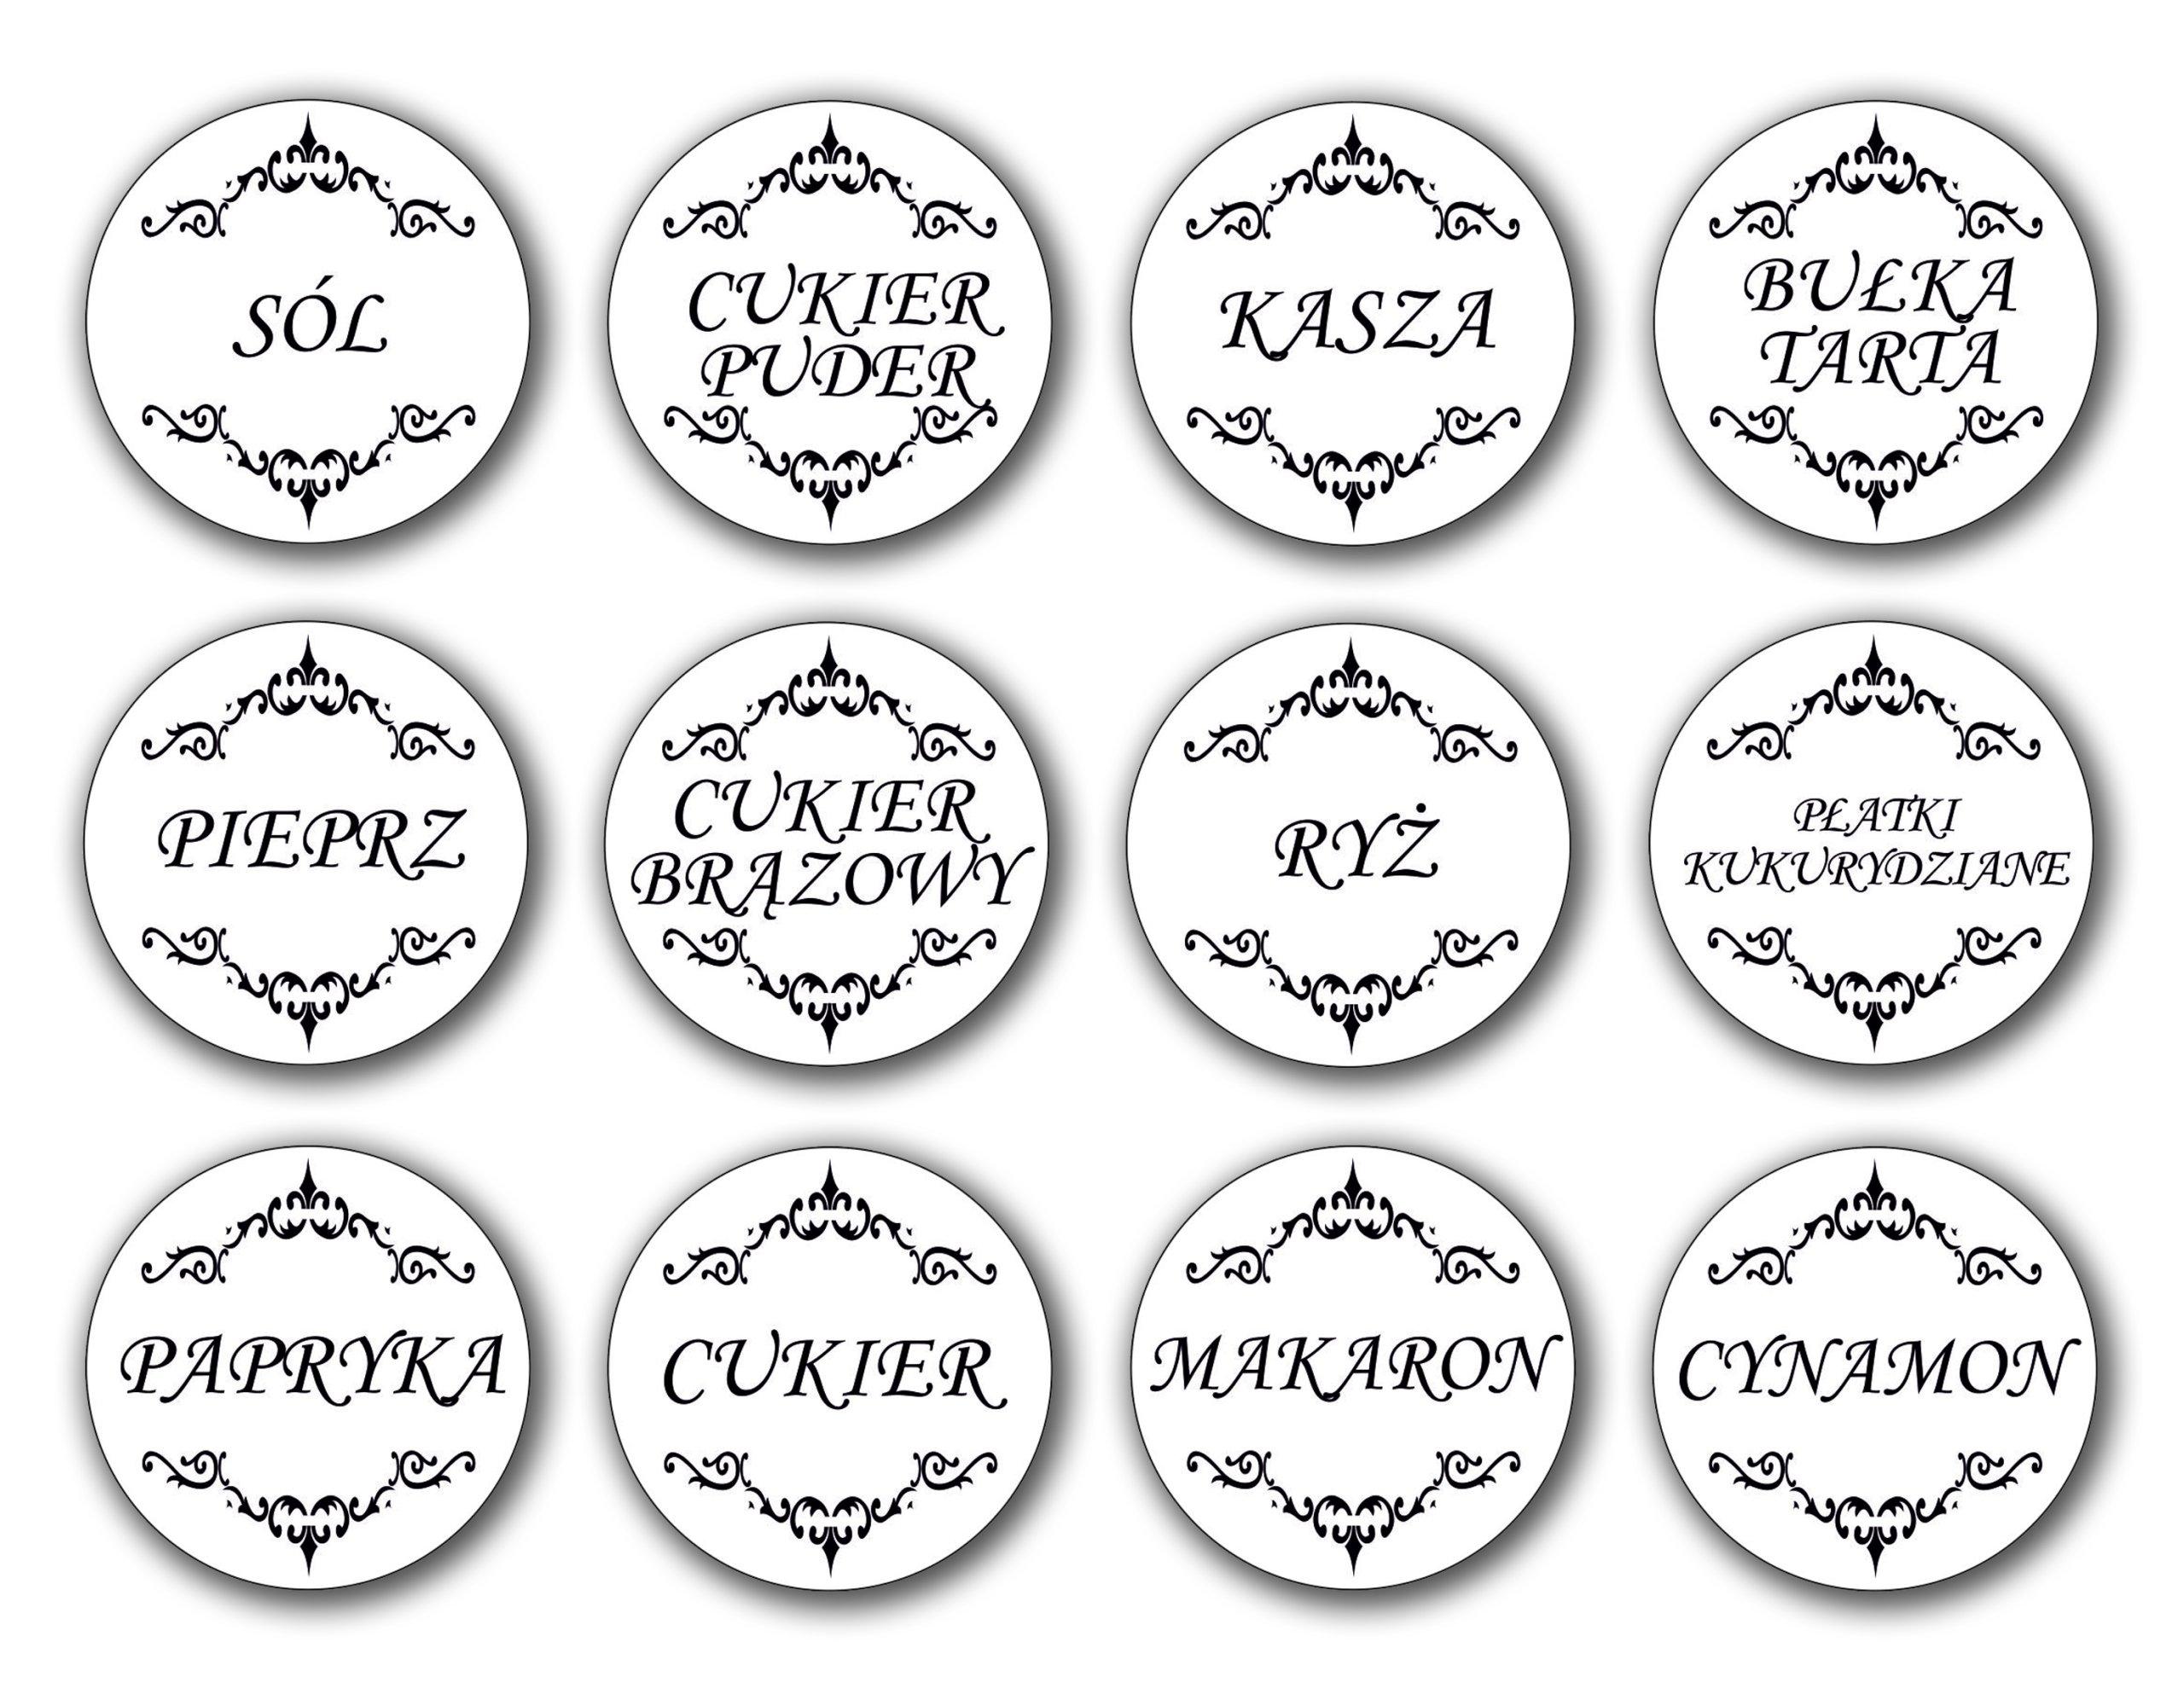 Naklejki Etykiety Na Przyprawy Pojemniki Promocja 6354100235